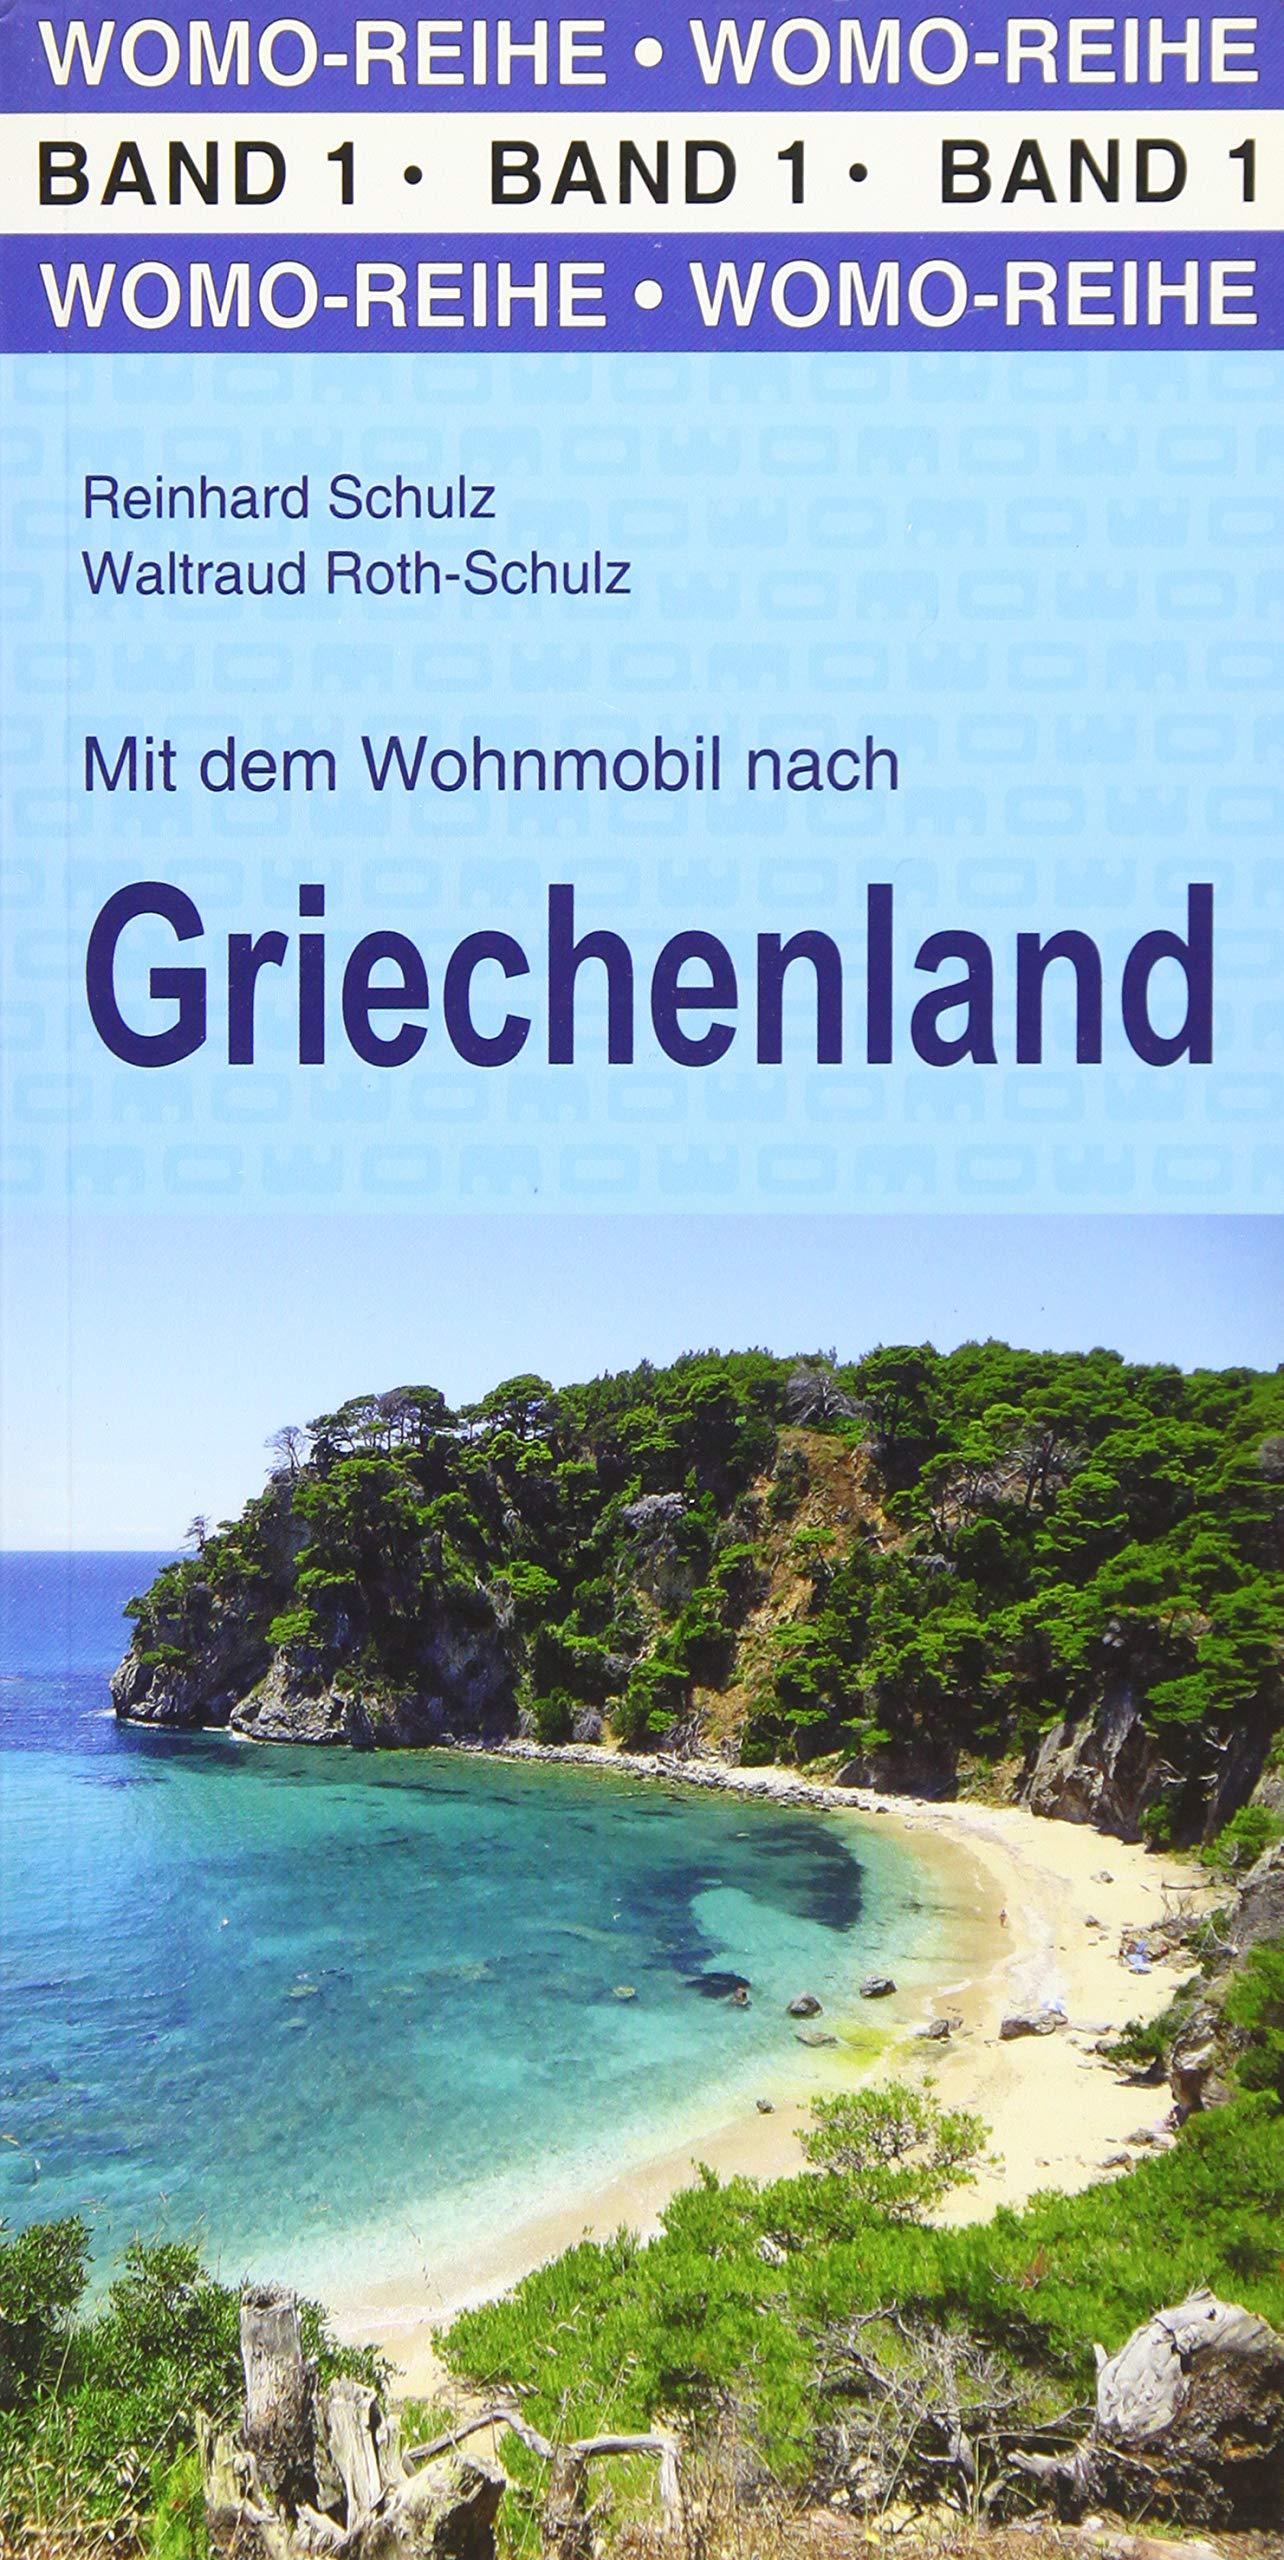 Mit dem Wohnmobil nach Griechenland (Womo-Reihe): Amazon.de